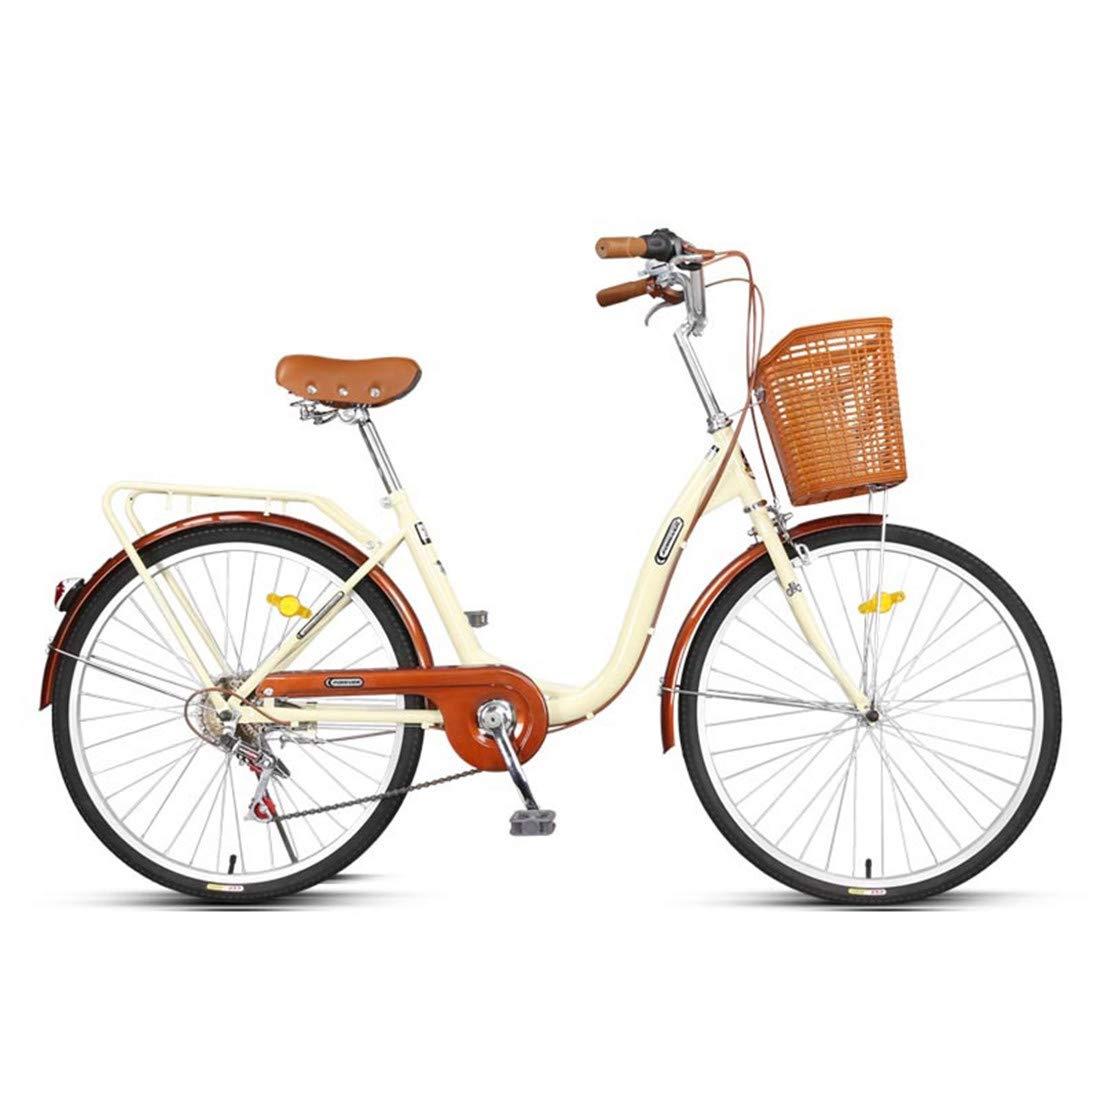 City Bike 24 Zoll 6-Gang Fahrrad Leichtgewicht Für Erwachsene Mountainbike Beige